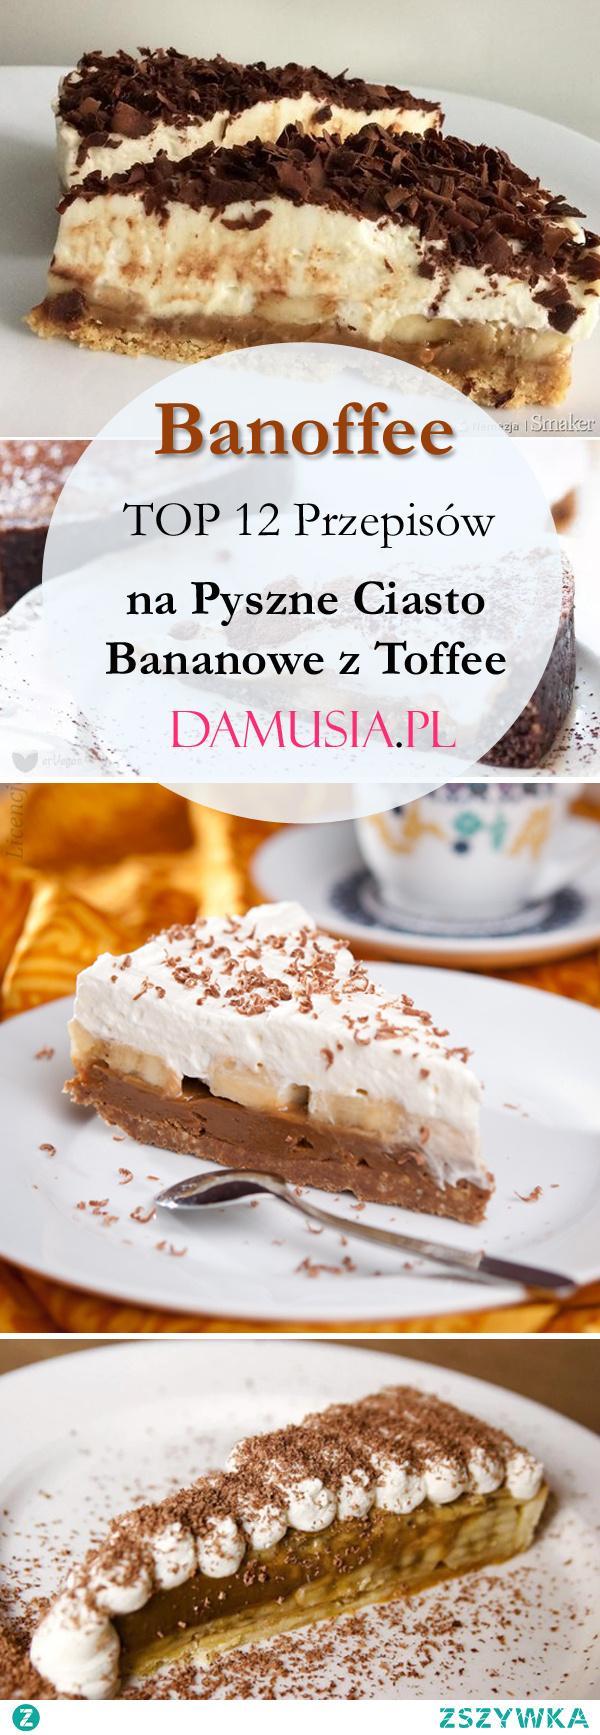 Banoffee: TOP 12 Pysznych Przepisów na Ciasto Bananowe z Toffee